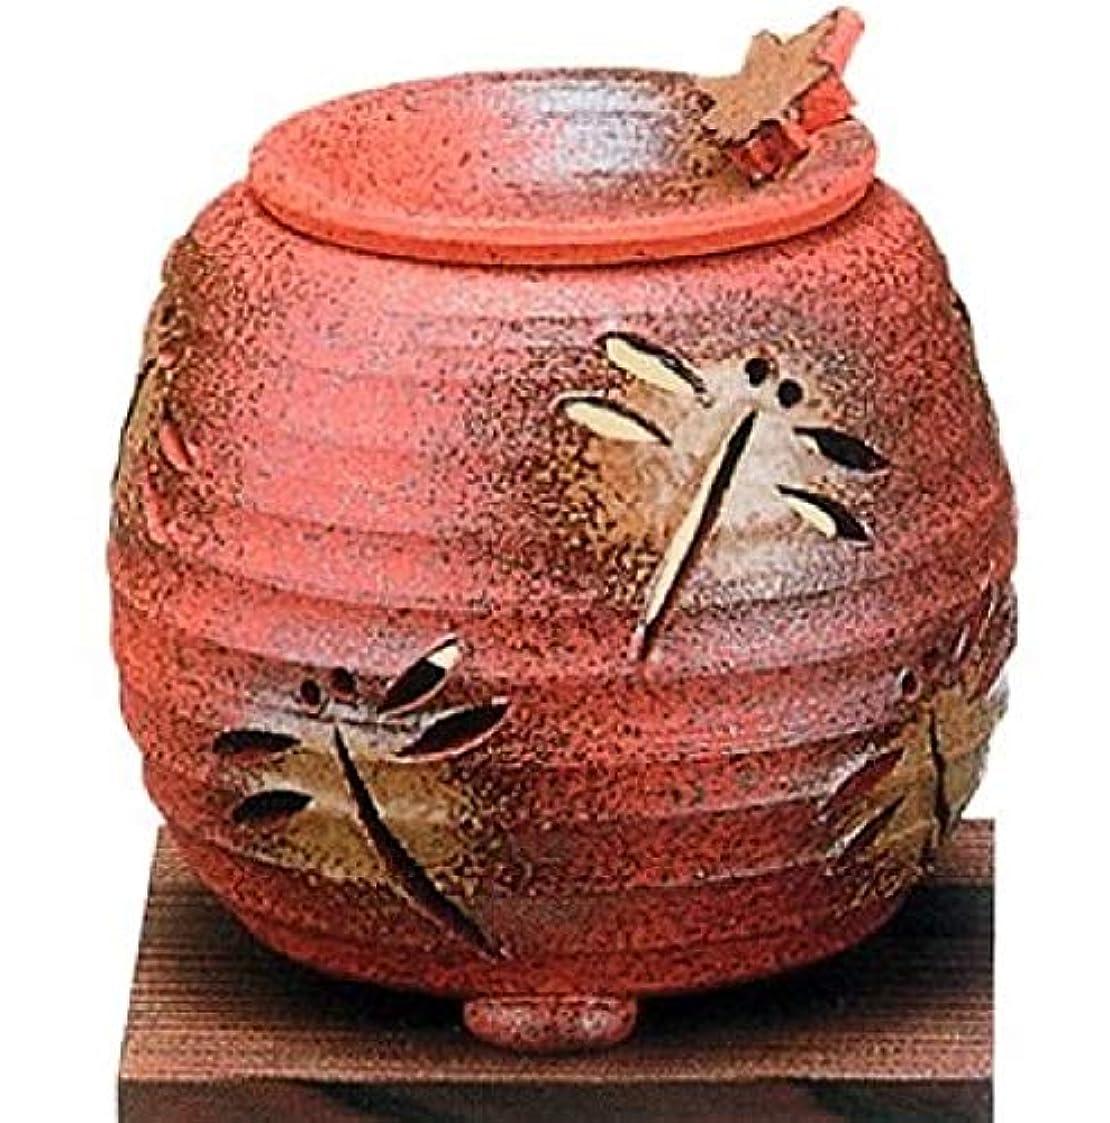 単位強制究極の【常滑焼】石龍 焼〆千段トンボ茶香炉   千段トンボ透かし  φ11×H11㎝ 3-830